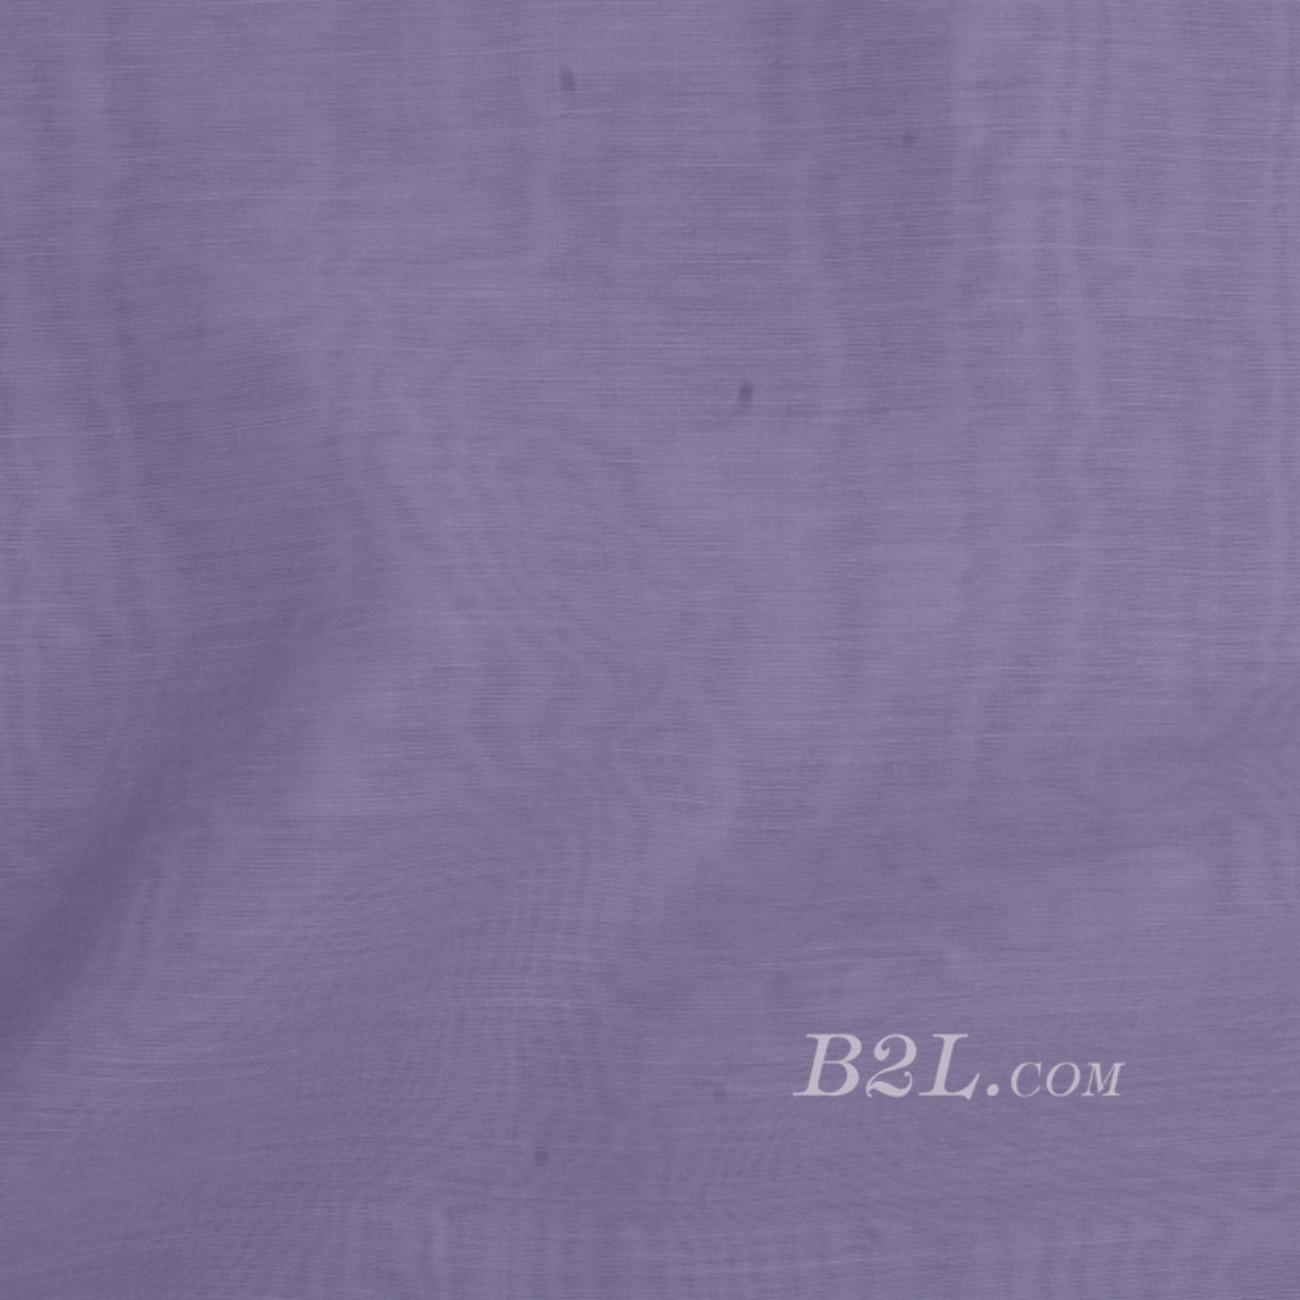 素色 梭织 低弹 柔软 尼龙天丝 春夏 连衣裙 T恤 女装 外套 短裙 81118-26